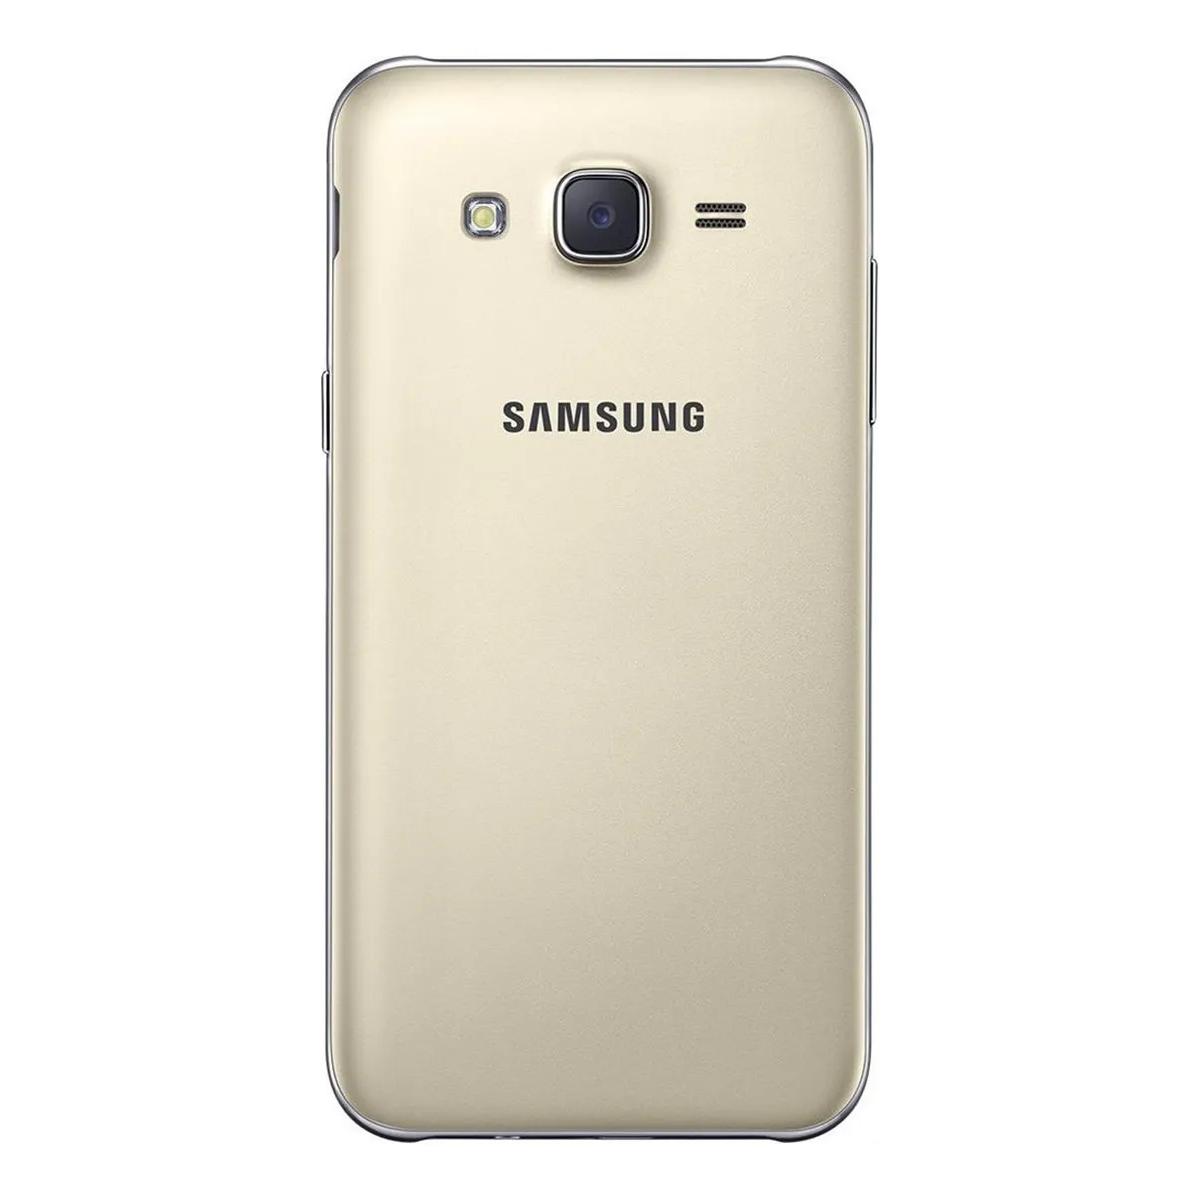 Samsung Galaxy J5 Duos J500 16gb Tela 5' Wifi - Burn-in